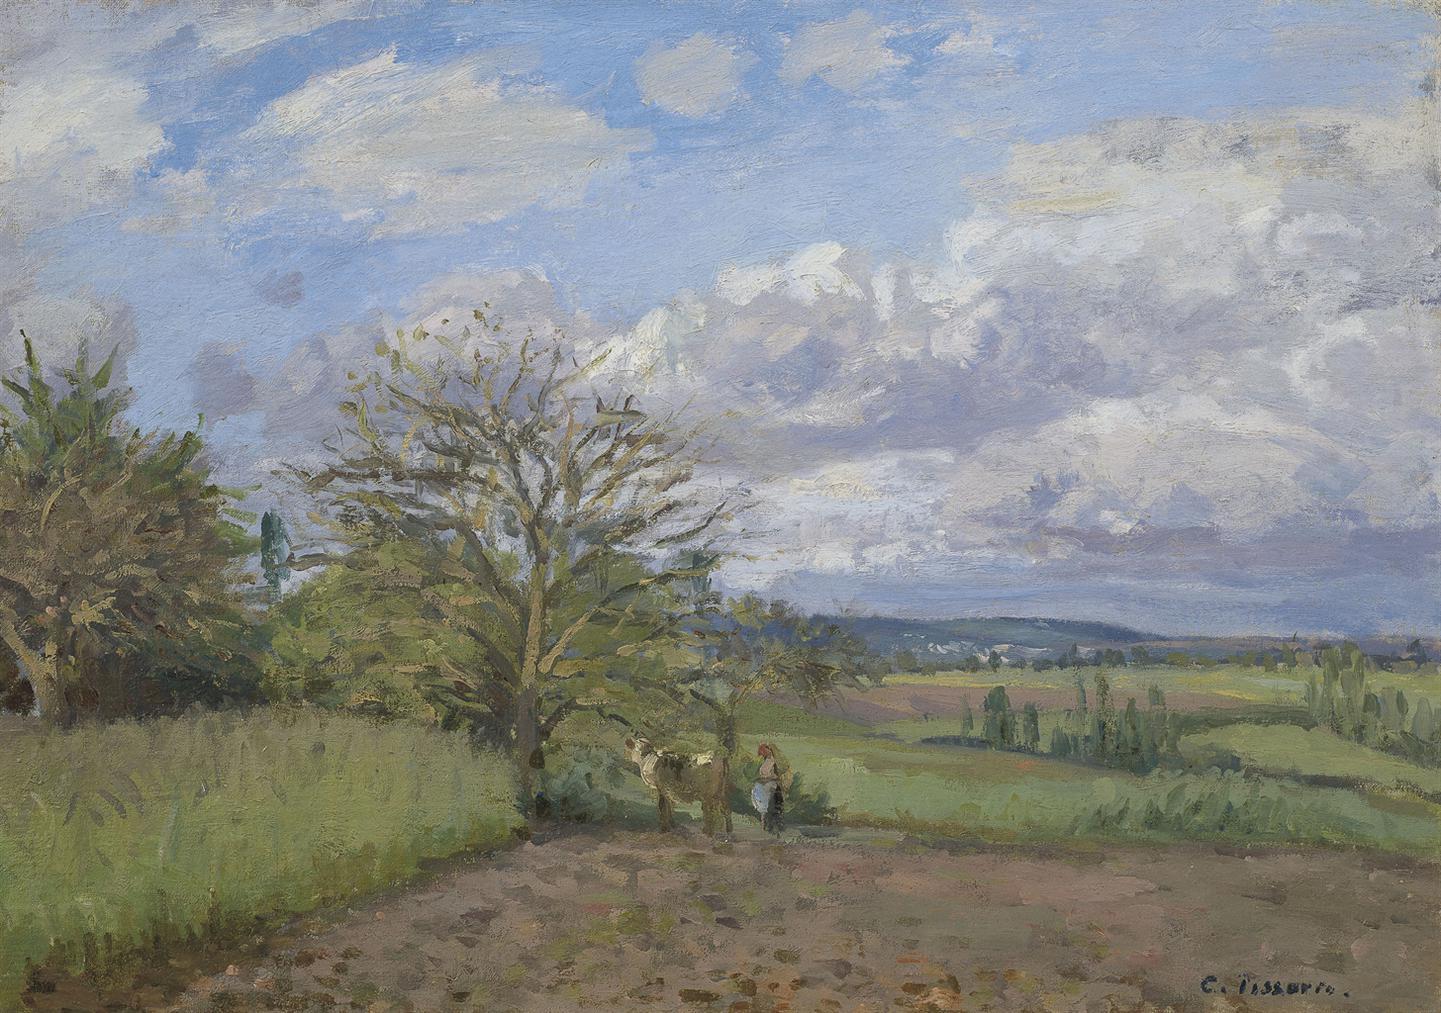 Camille Pissarro-Paysage Avec Une Vachere-1872